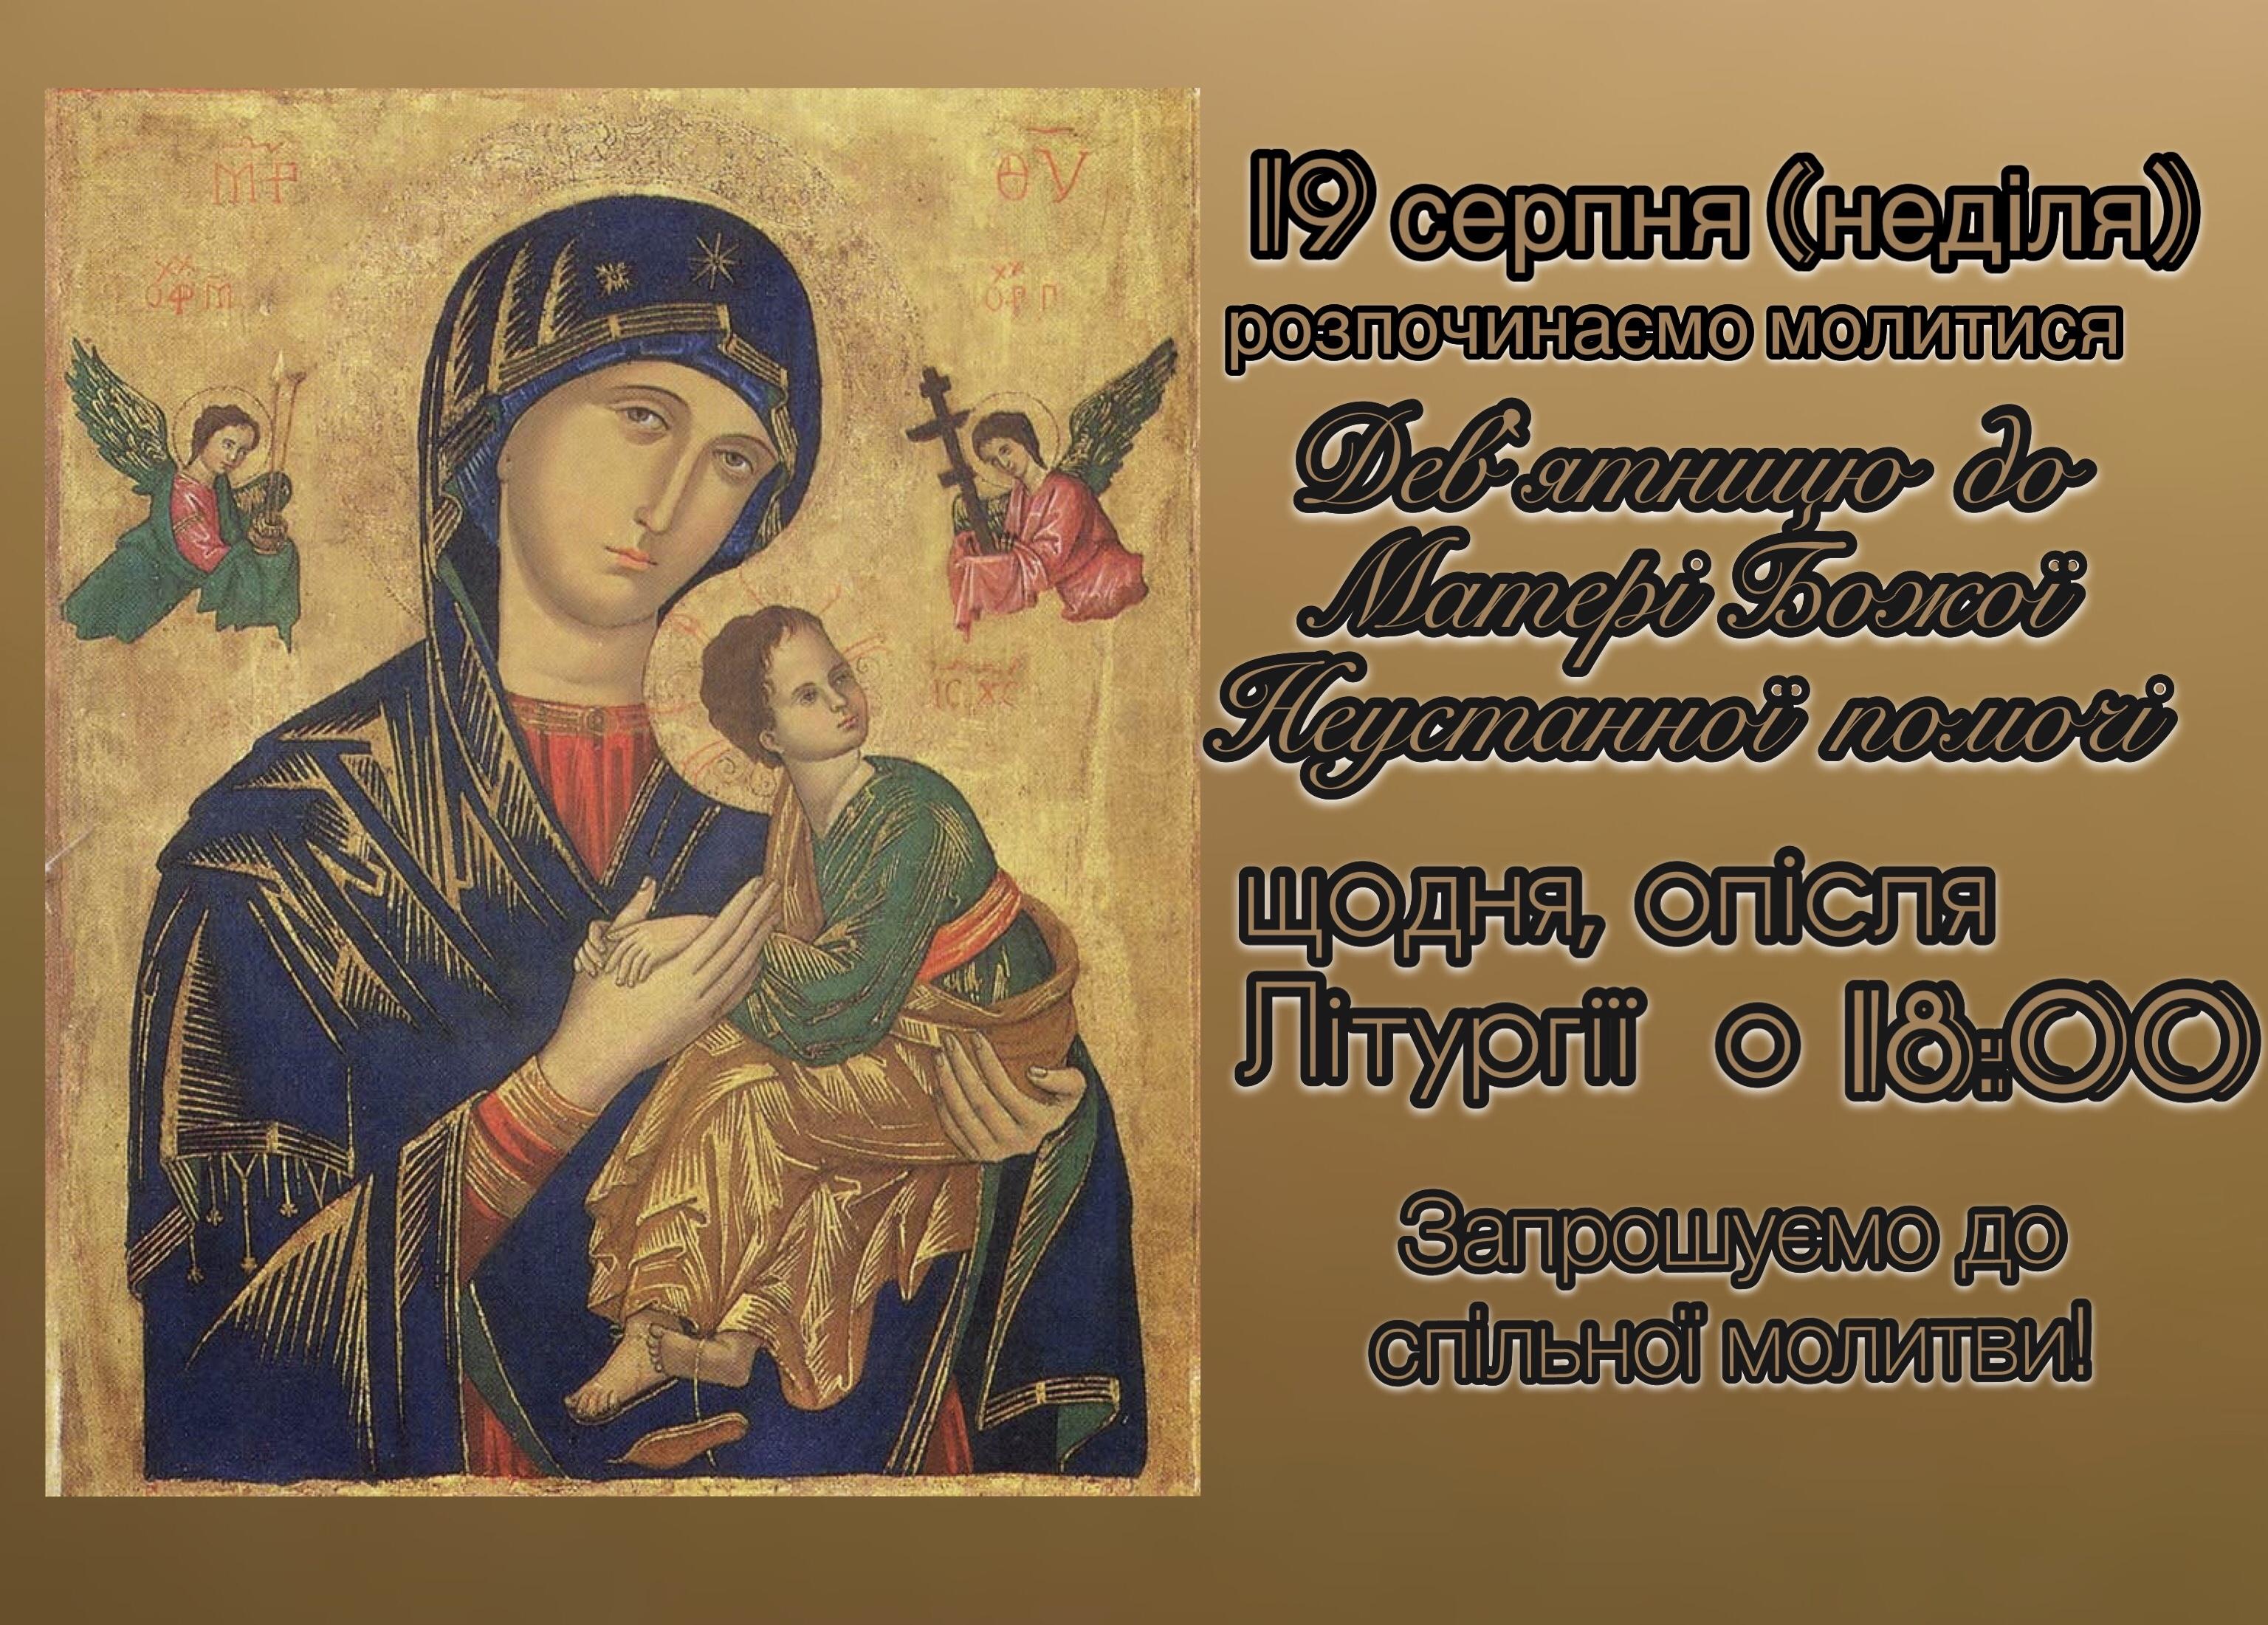 Розпочинаємо молитися Дев'ятницю до Матері Божої Неустанної помочі